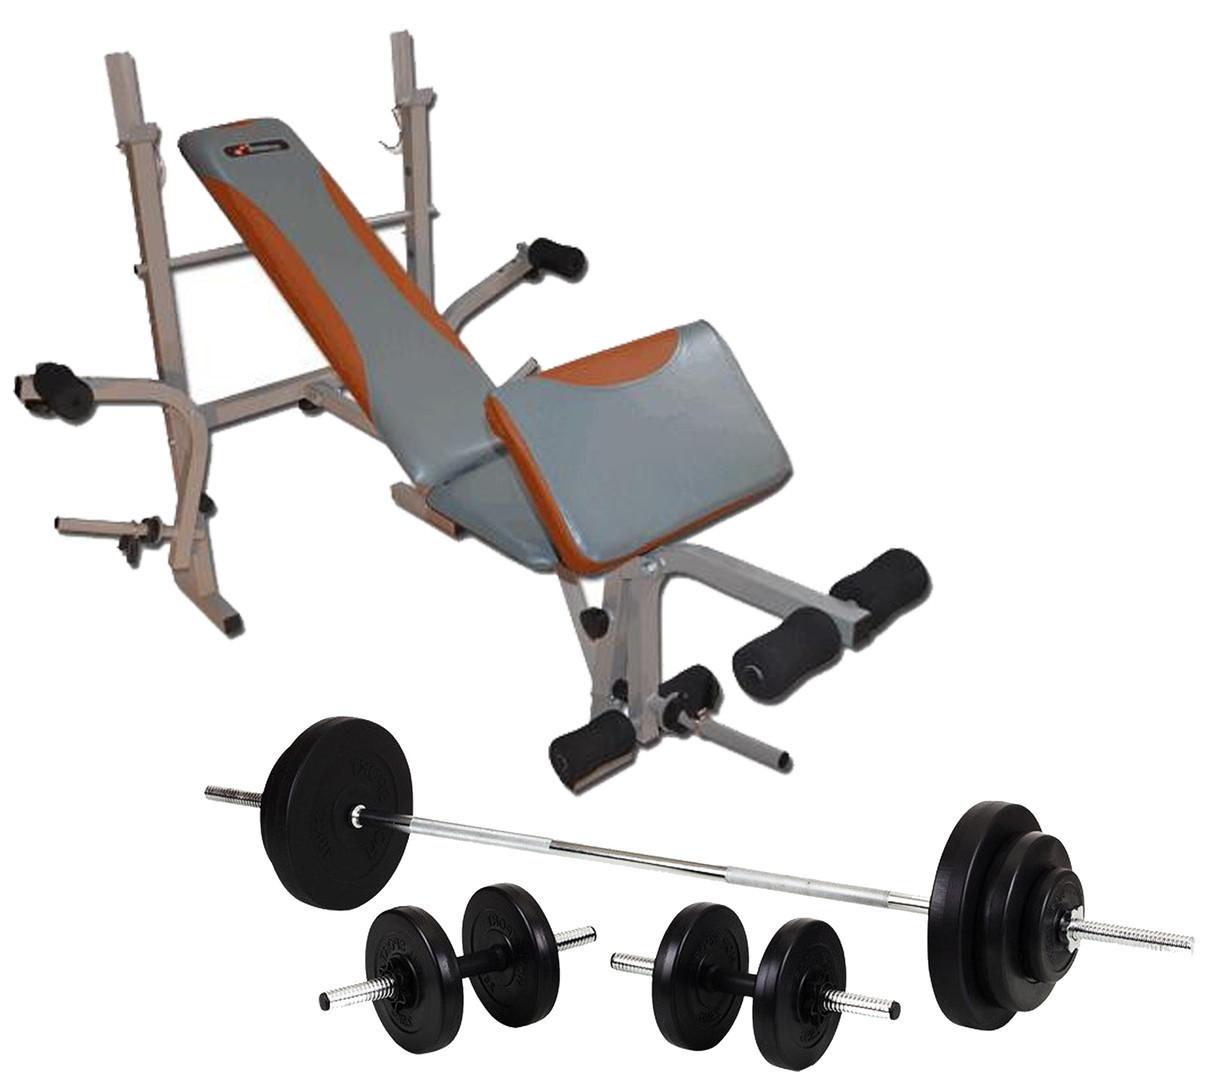 Скамья для жима EverTop 307 + Штанга 50 кг + Гантели 2*21 кг комплект набор